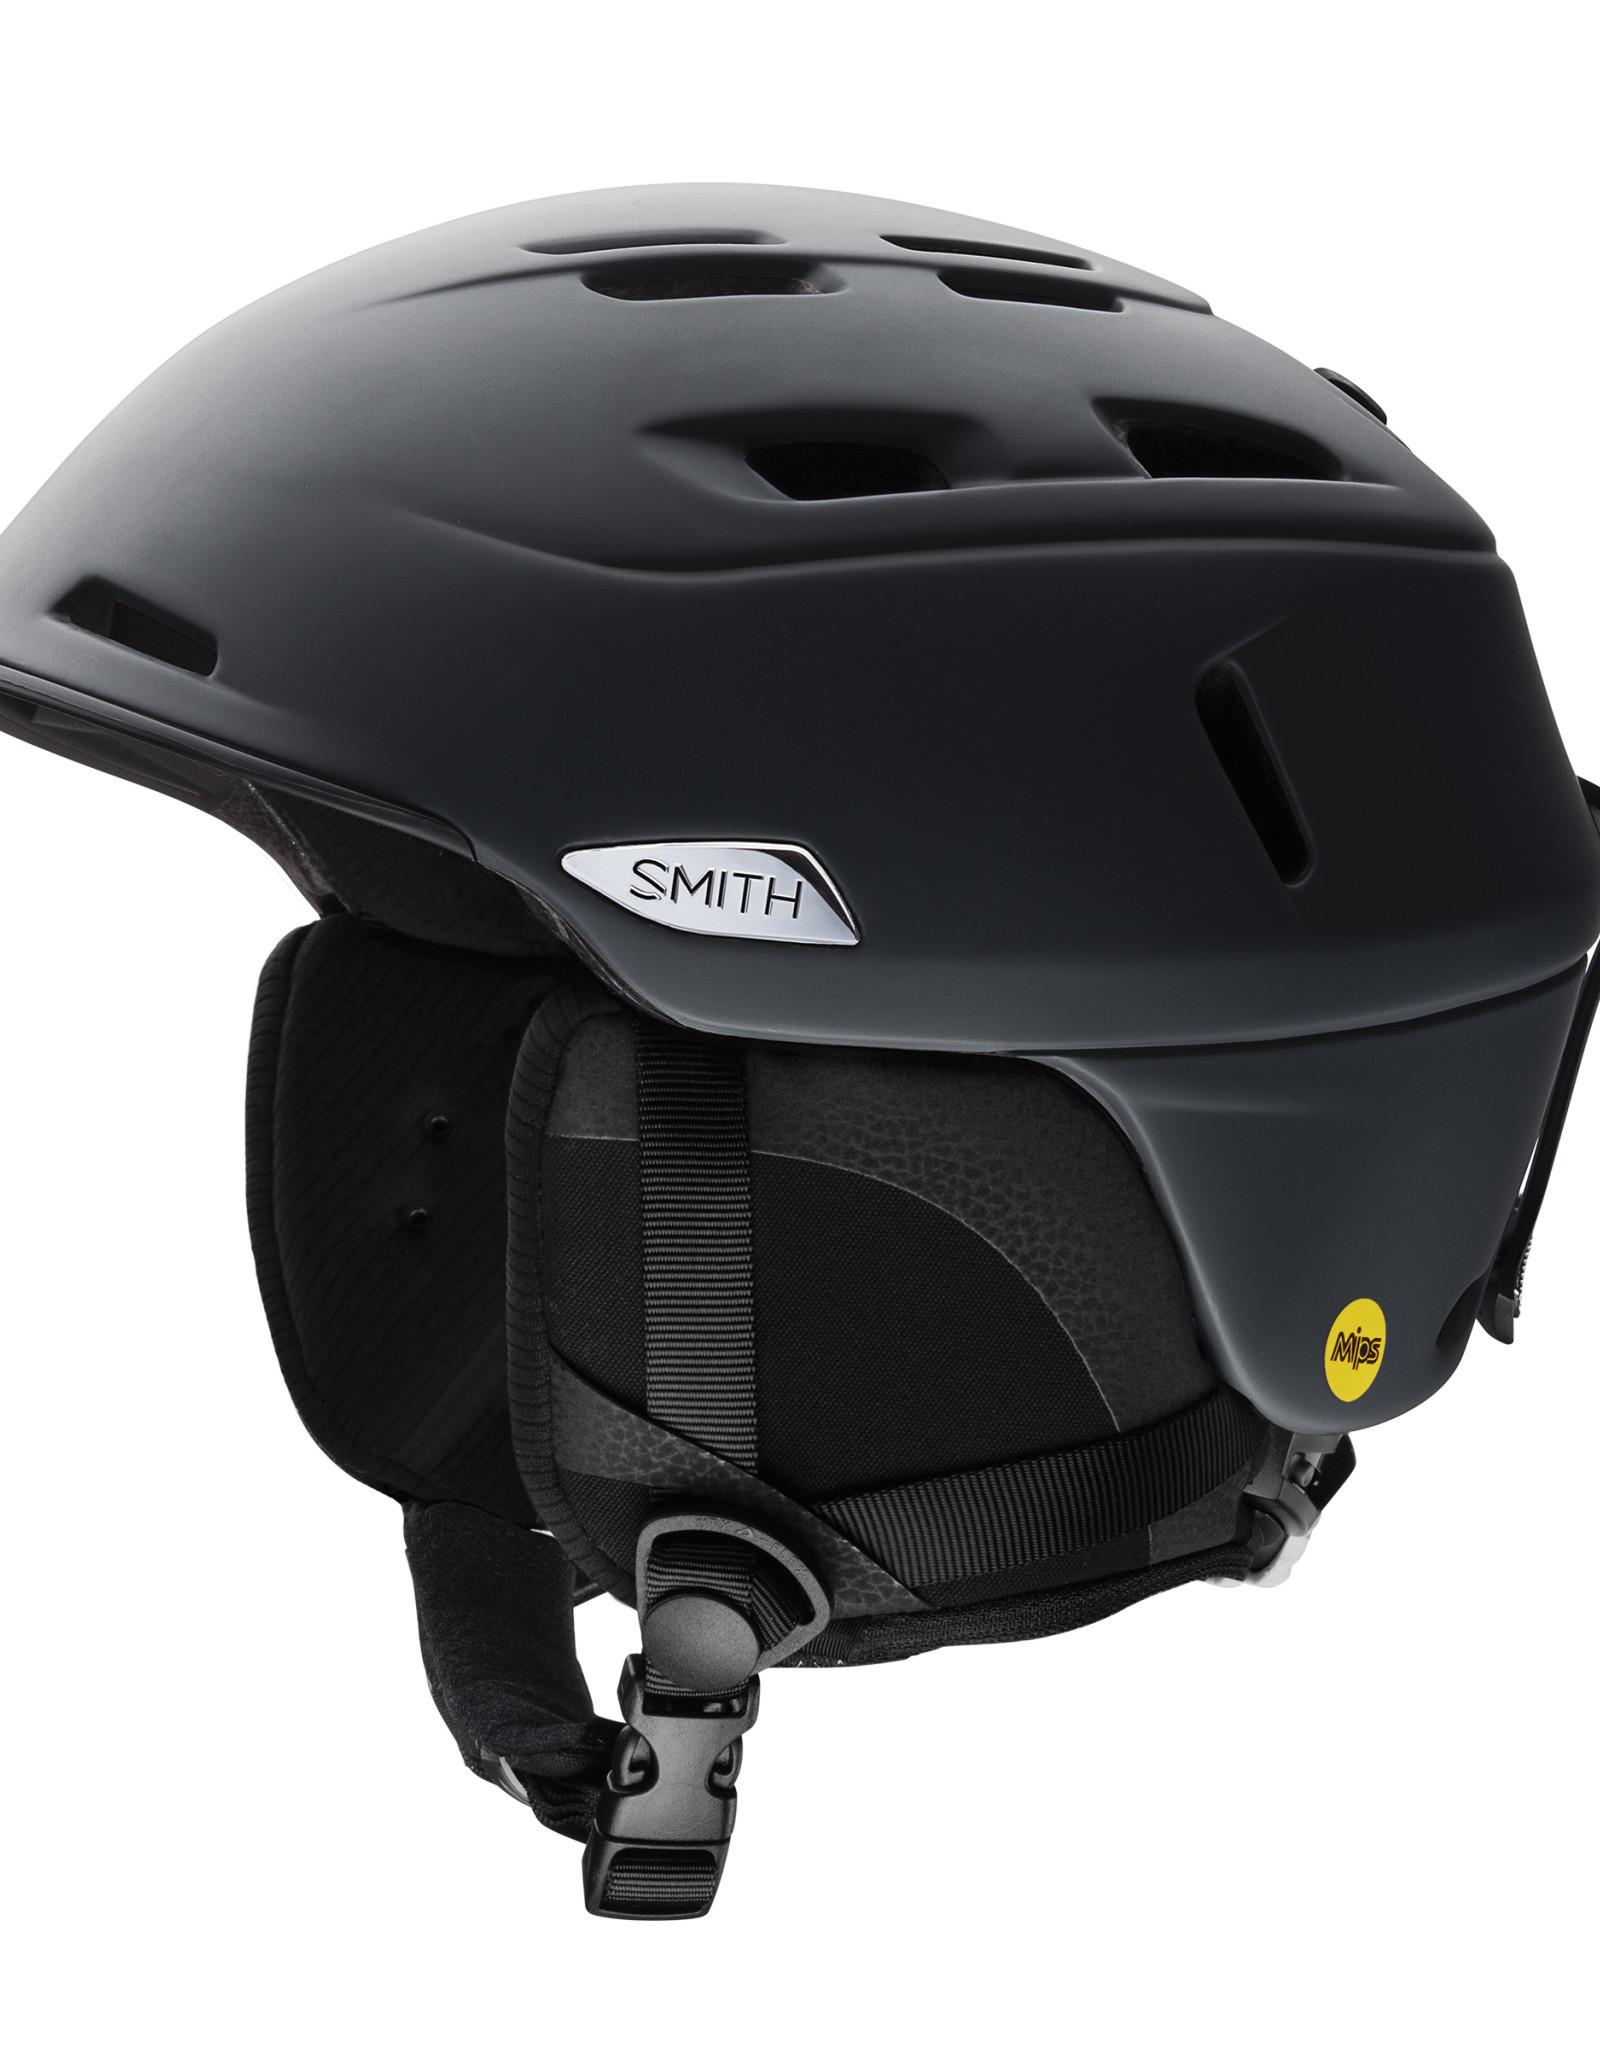 SMITH OPTICS SMITH Snow Helmet CAMBER MIPS